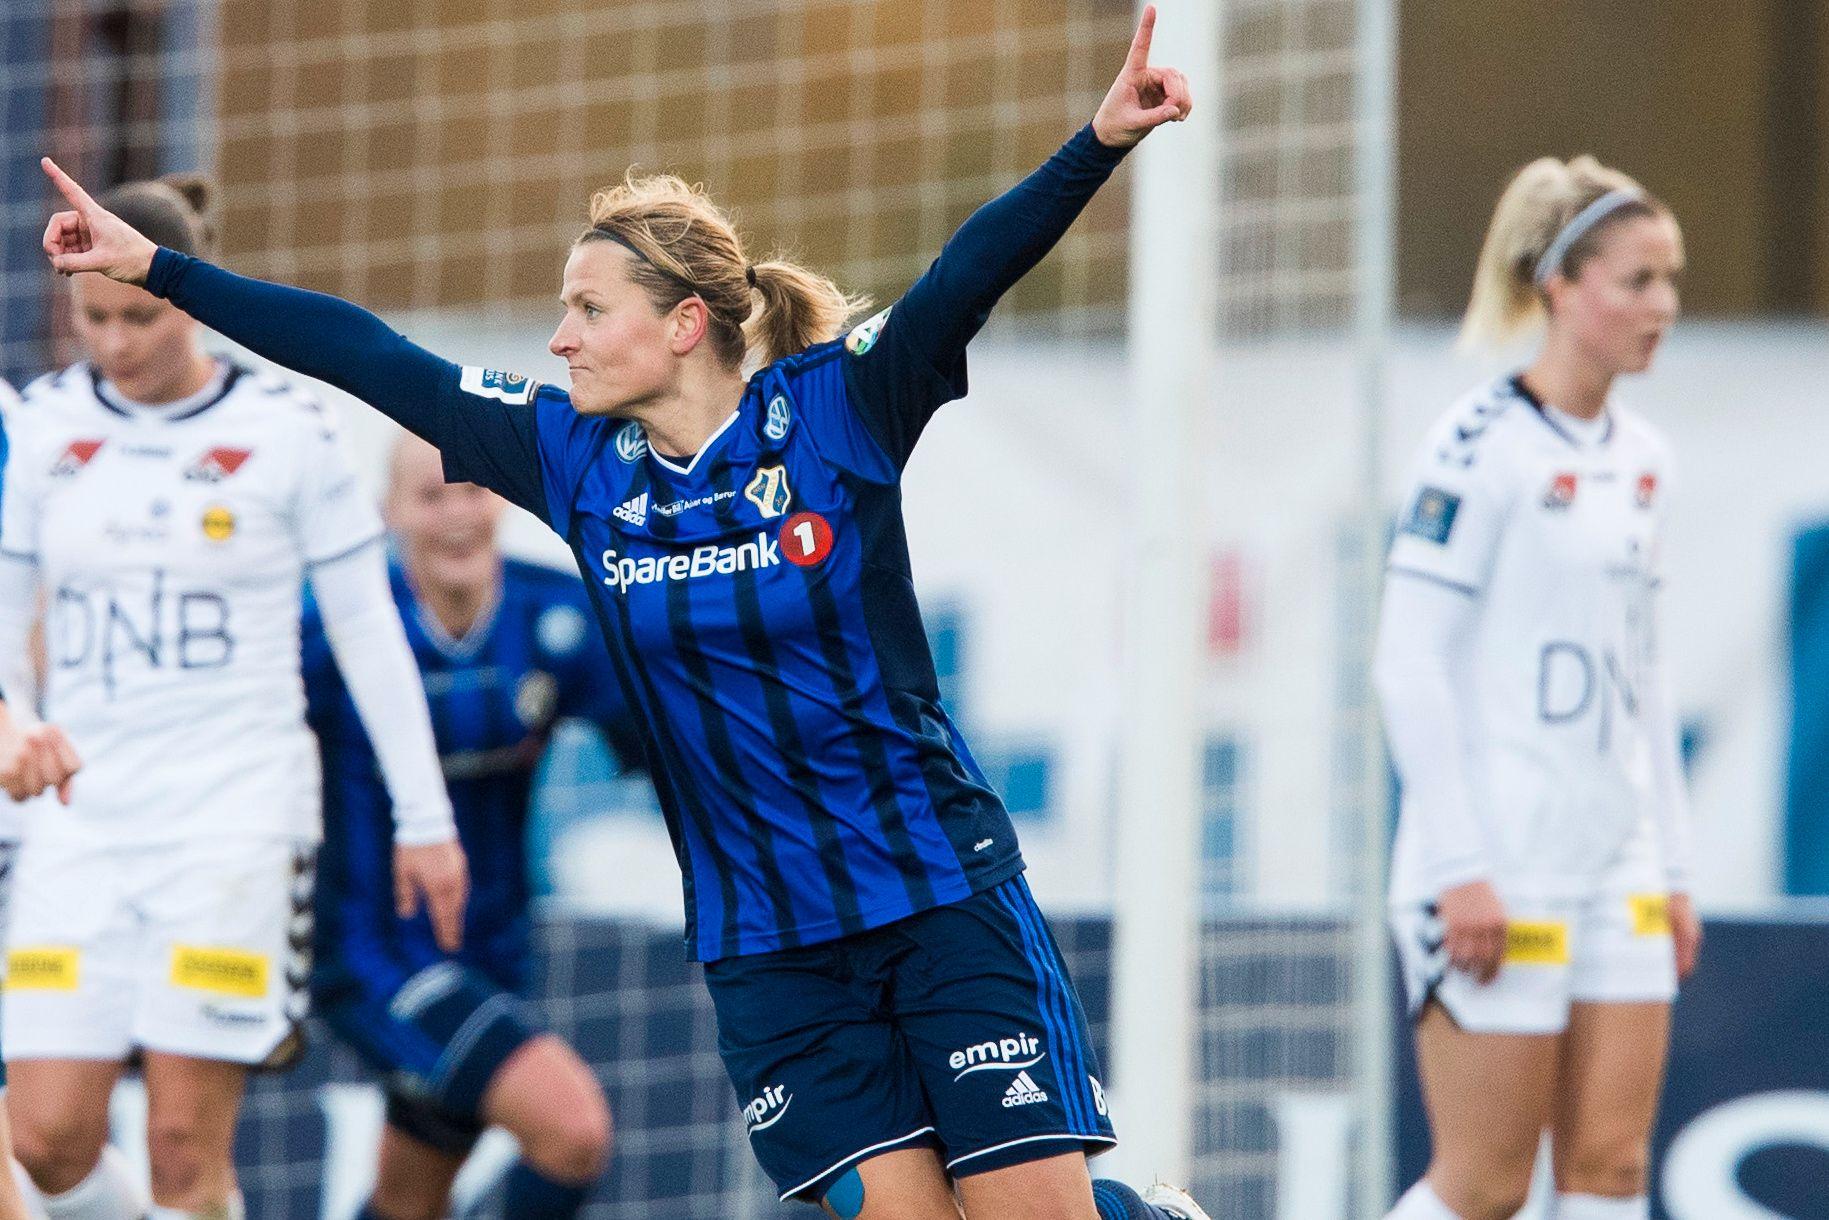 LEGENDE: Trine Rønning scoret for Stabæk i sin siste kamp i karrieren. Det betyr at hun avslutter med bronse. Tidligere har hun seks seriegull. Bildet er fra en kamp mot LSK.